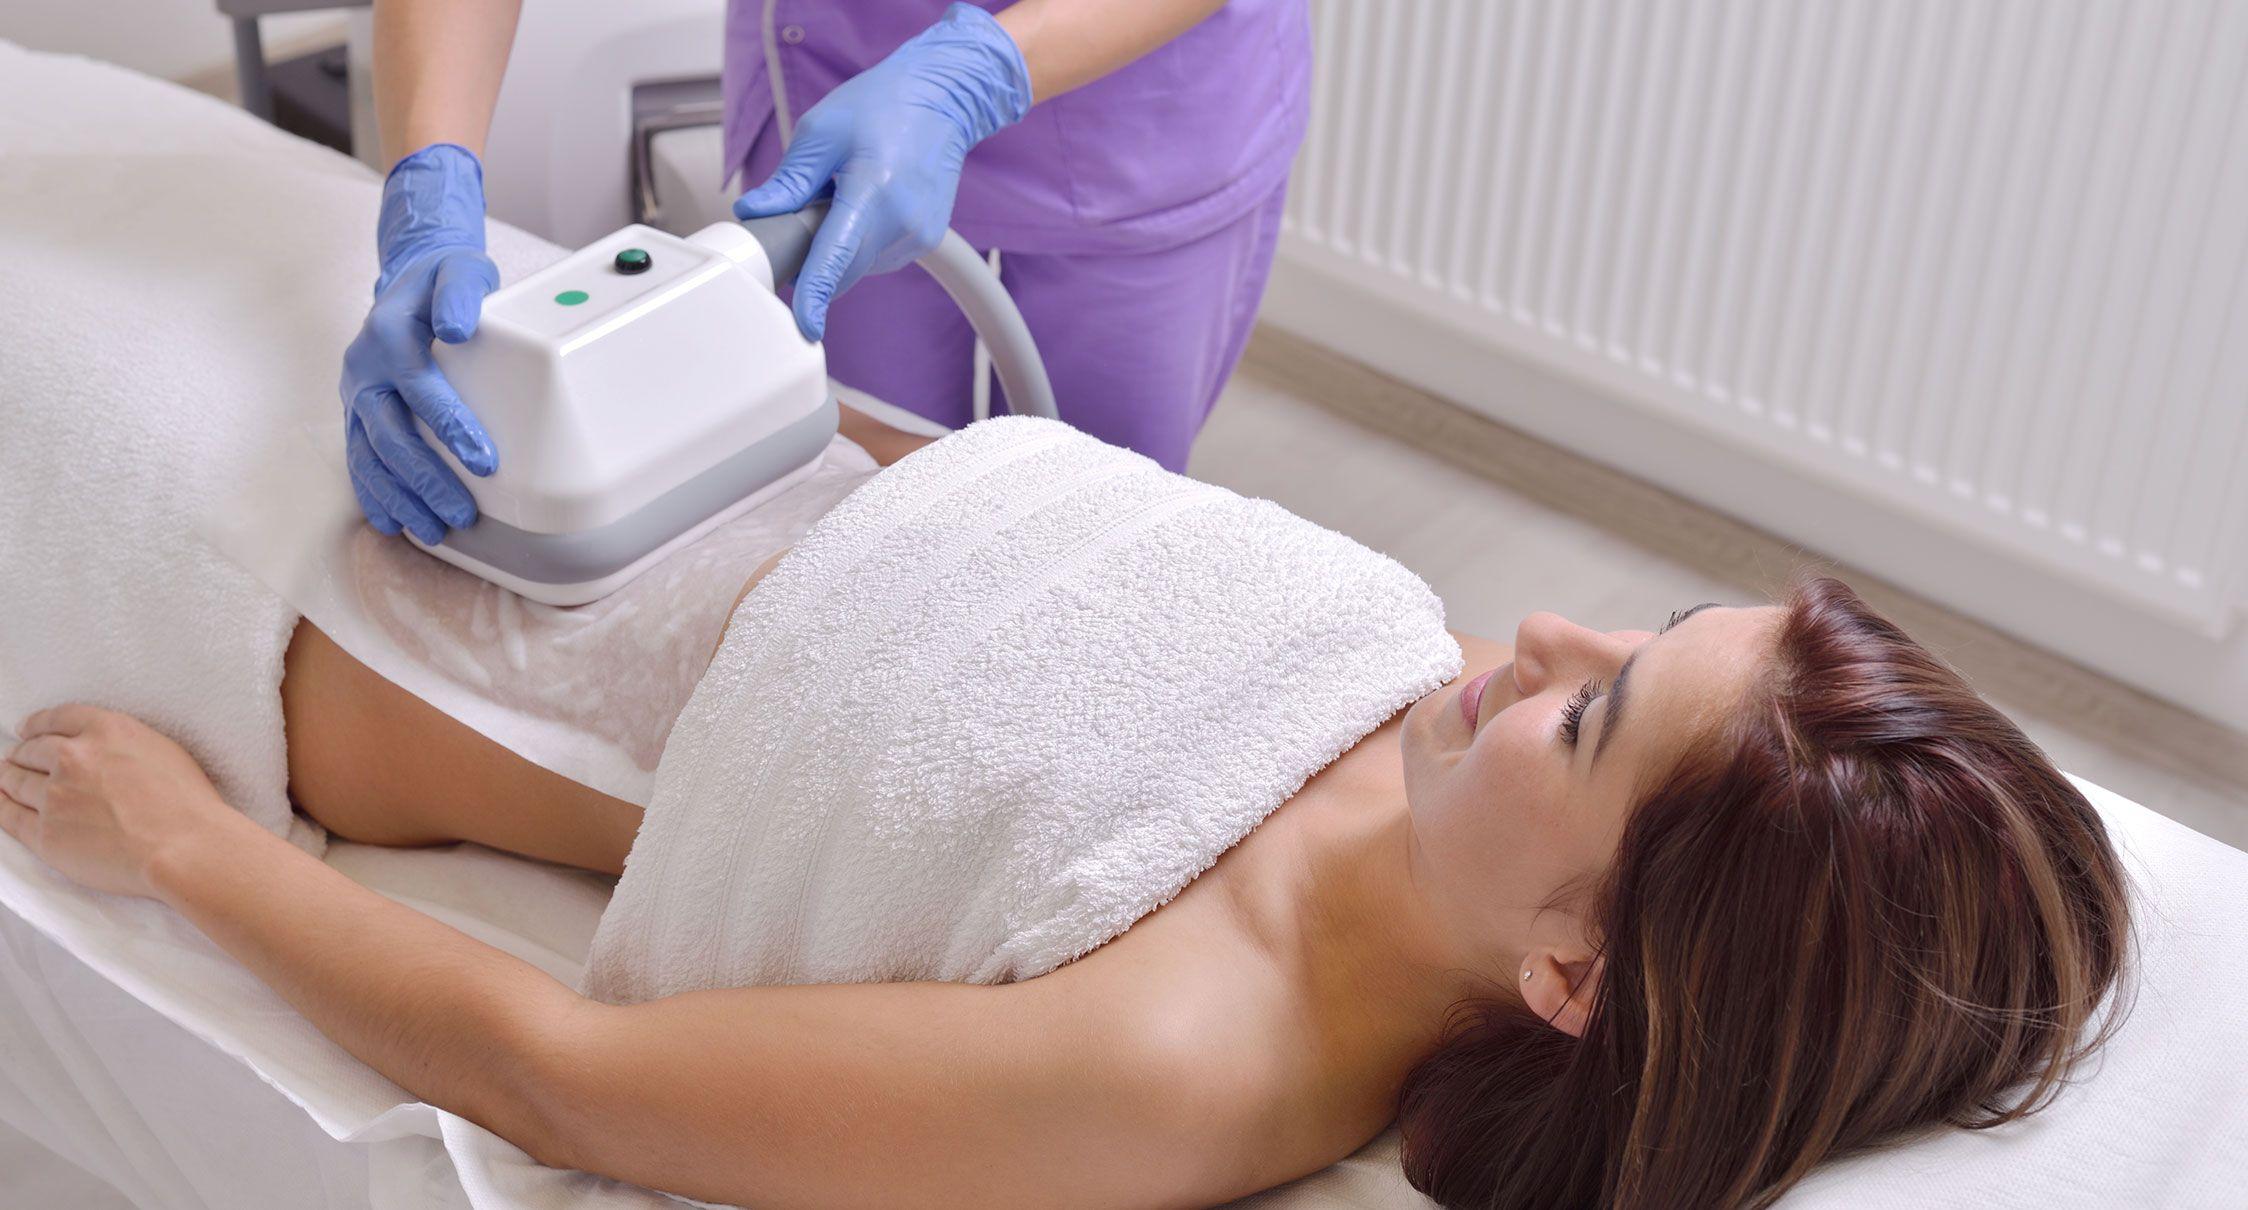 Mincir sans chirurgie avec la cryolipolyse à La Rochelle | Skin Clinic